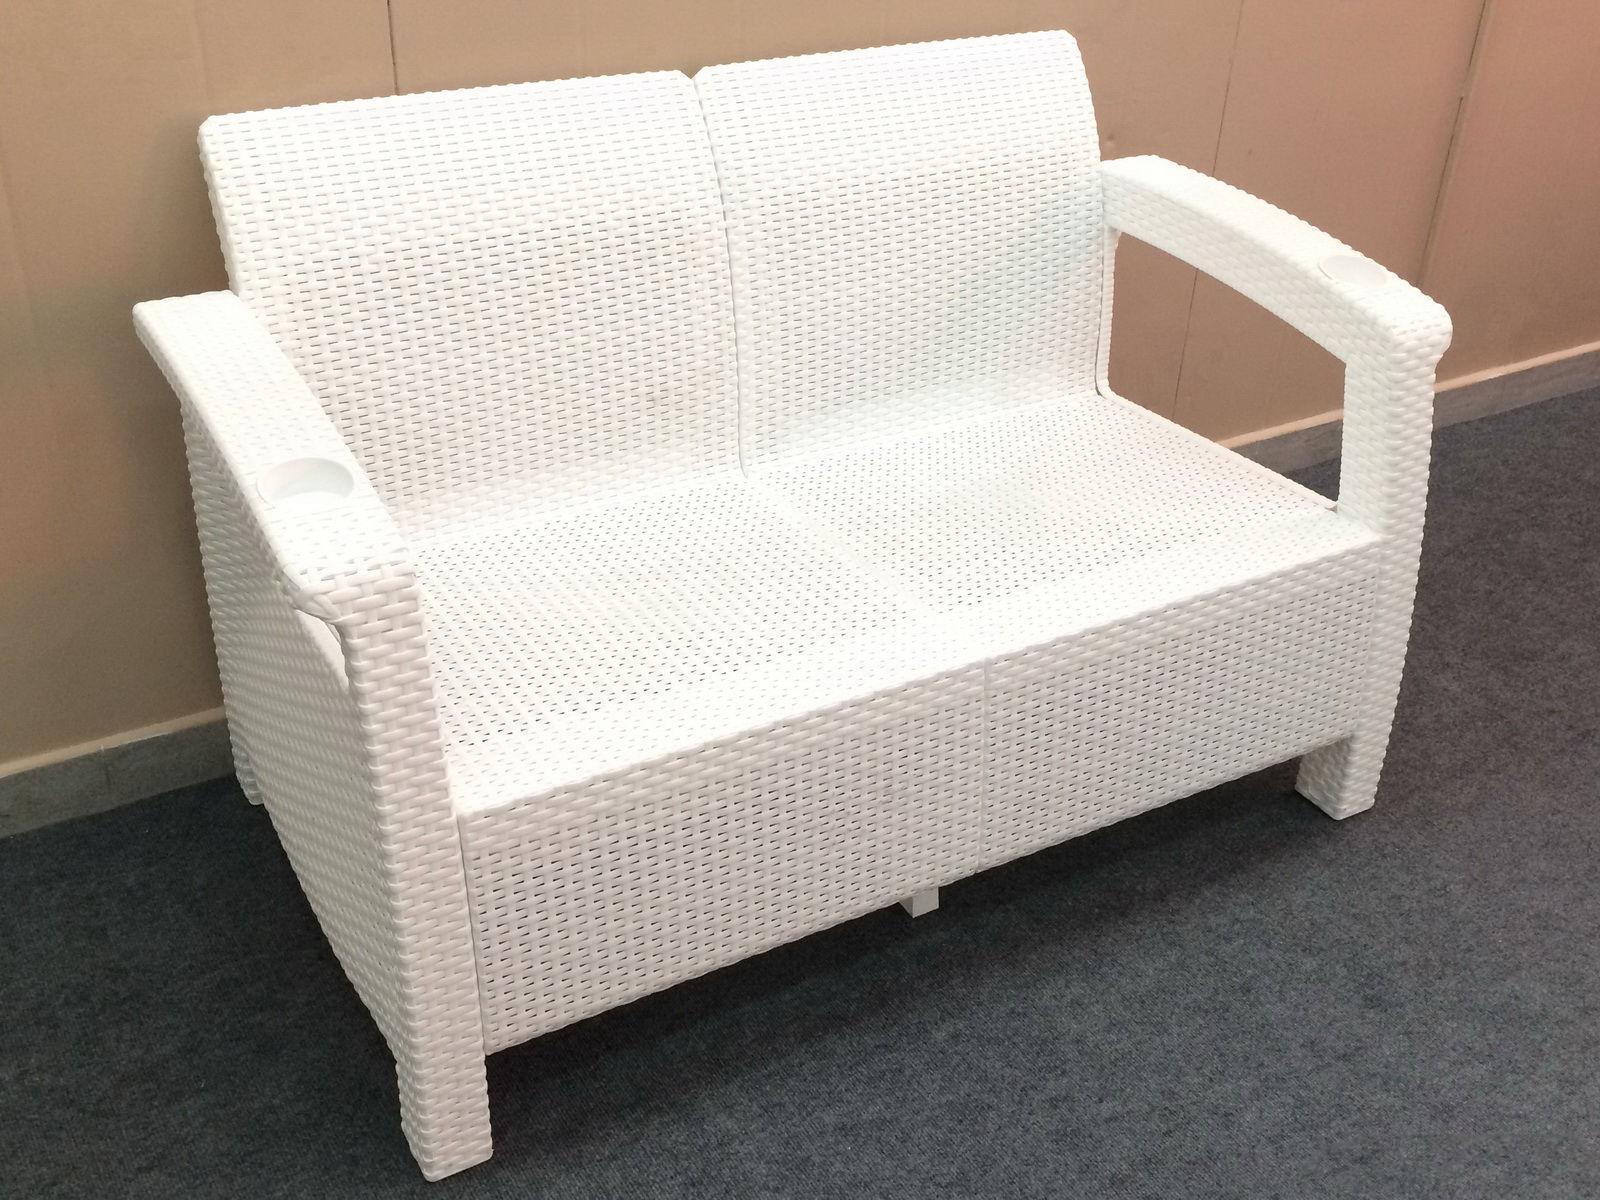 Диван пластиковый двухместный Sofa 2 Seat